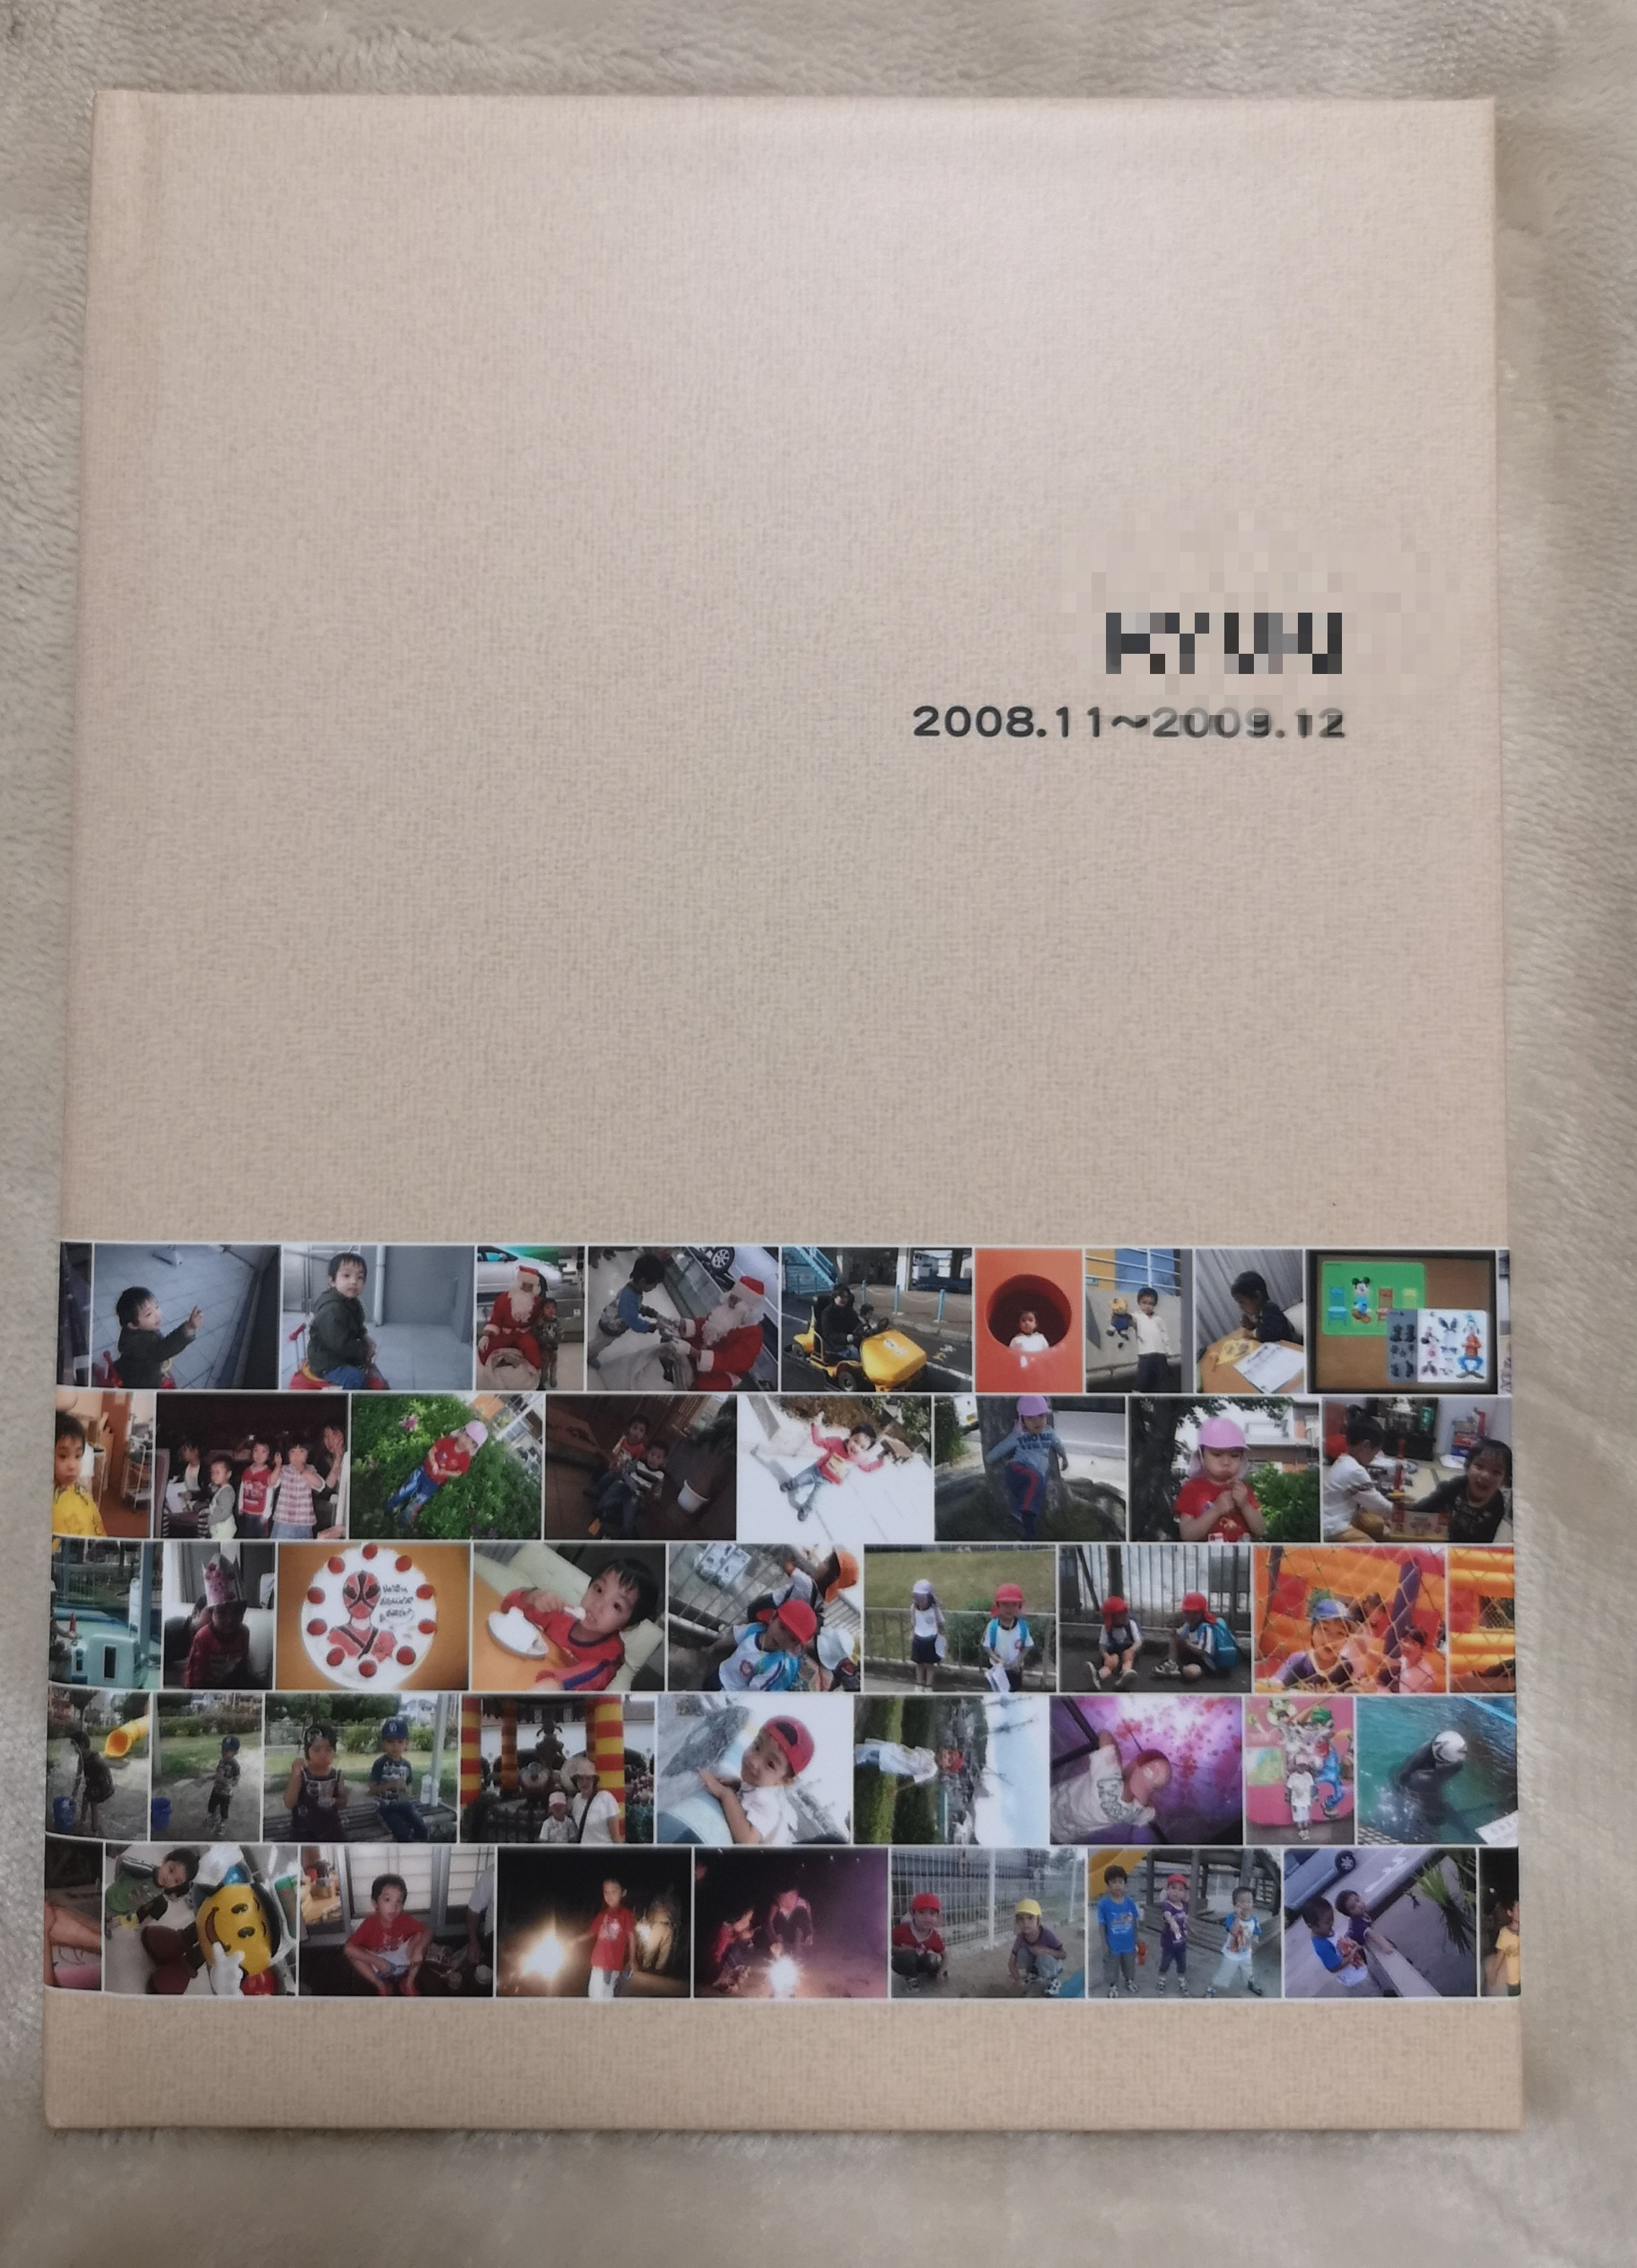 富士フイルムイヤーアルバムを徹底検証!おすすめサイズはこれ!